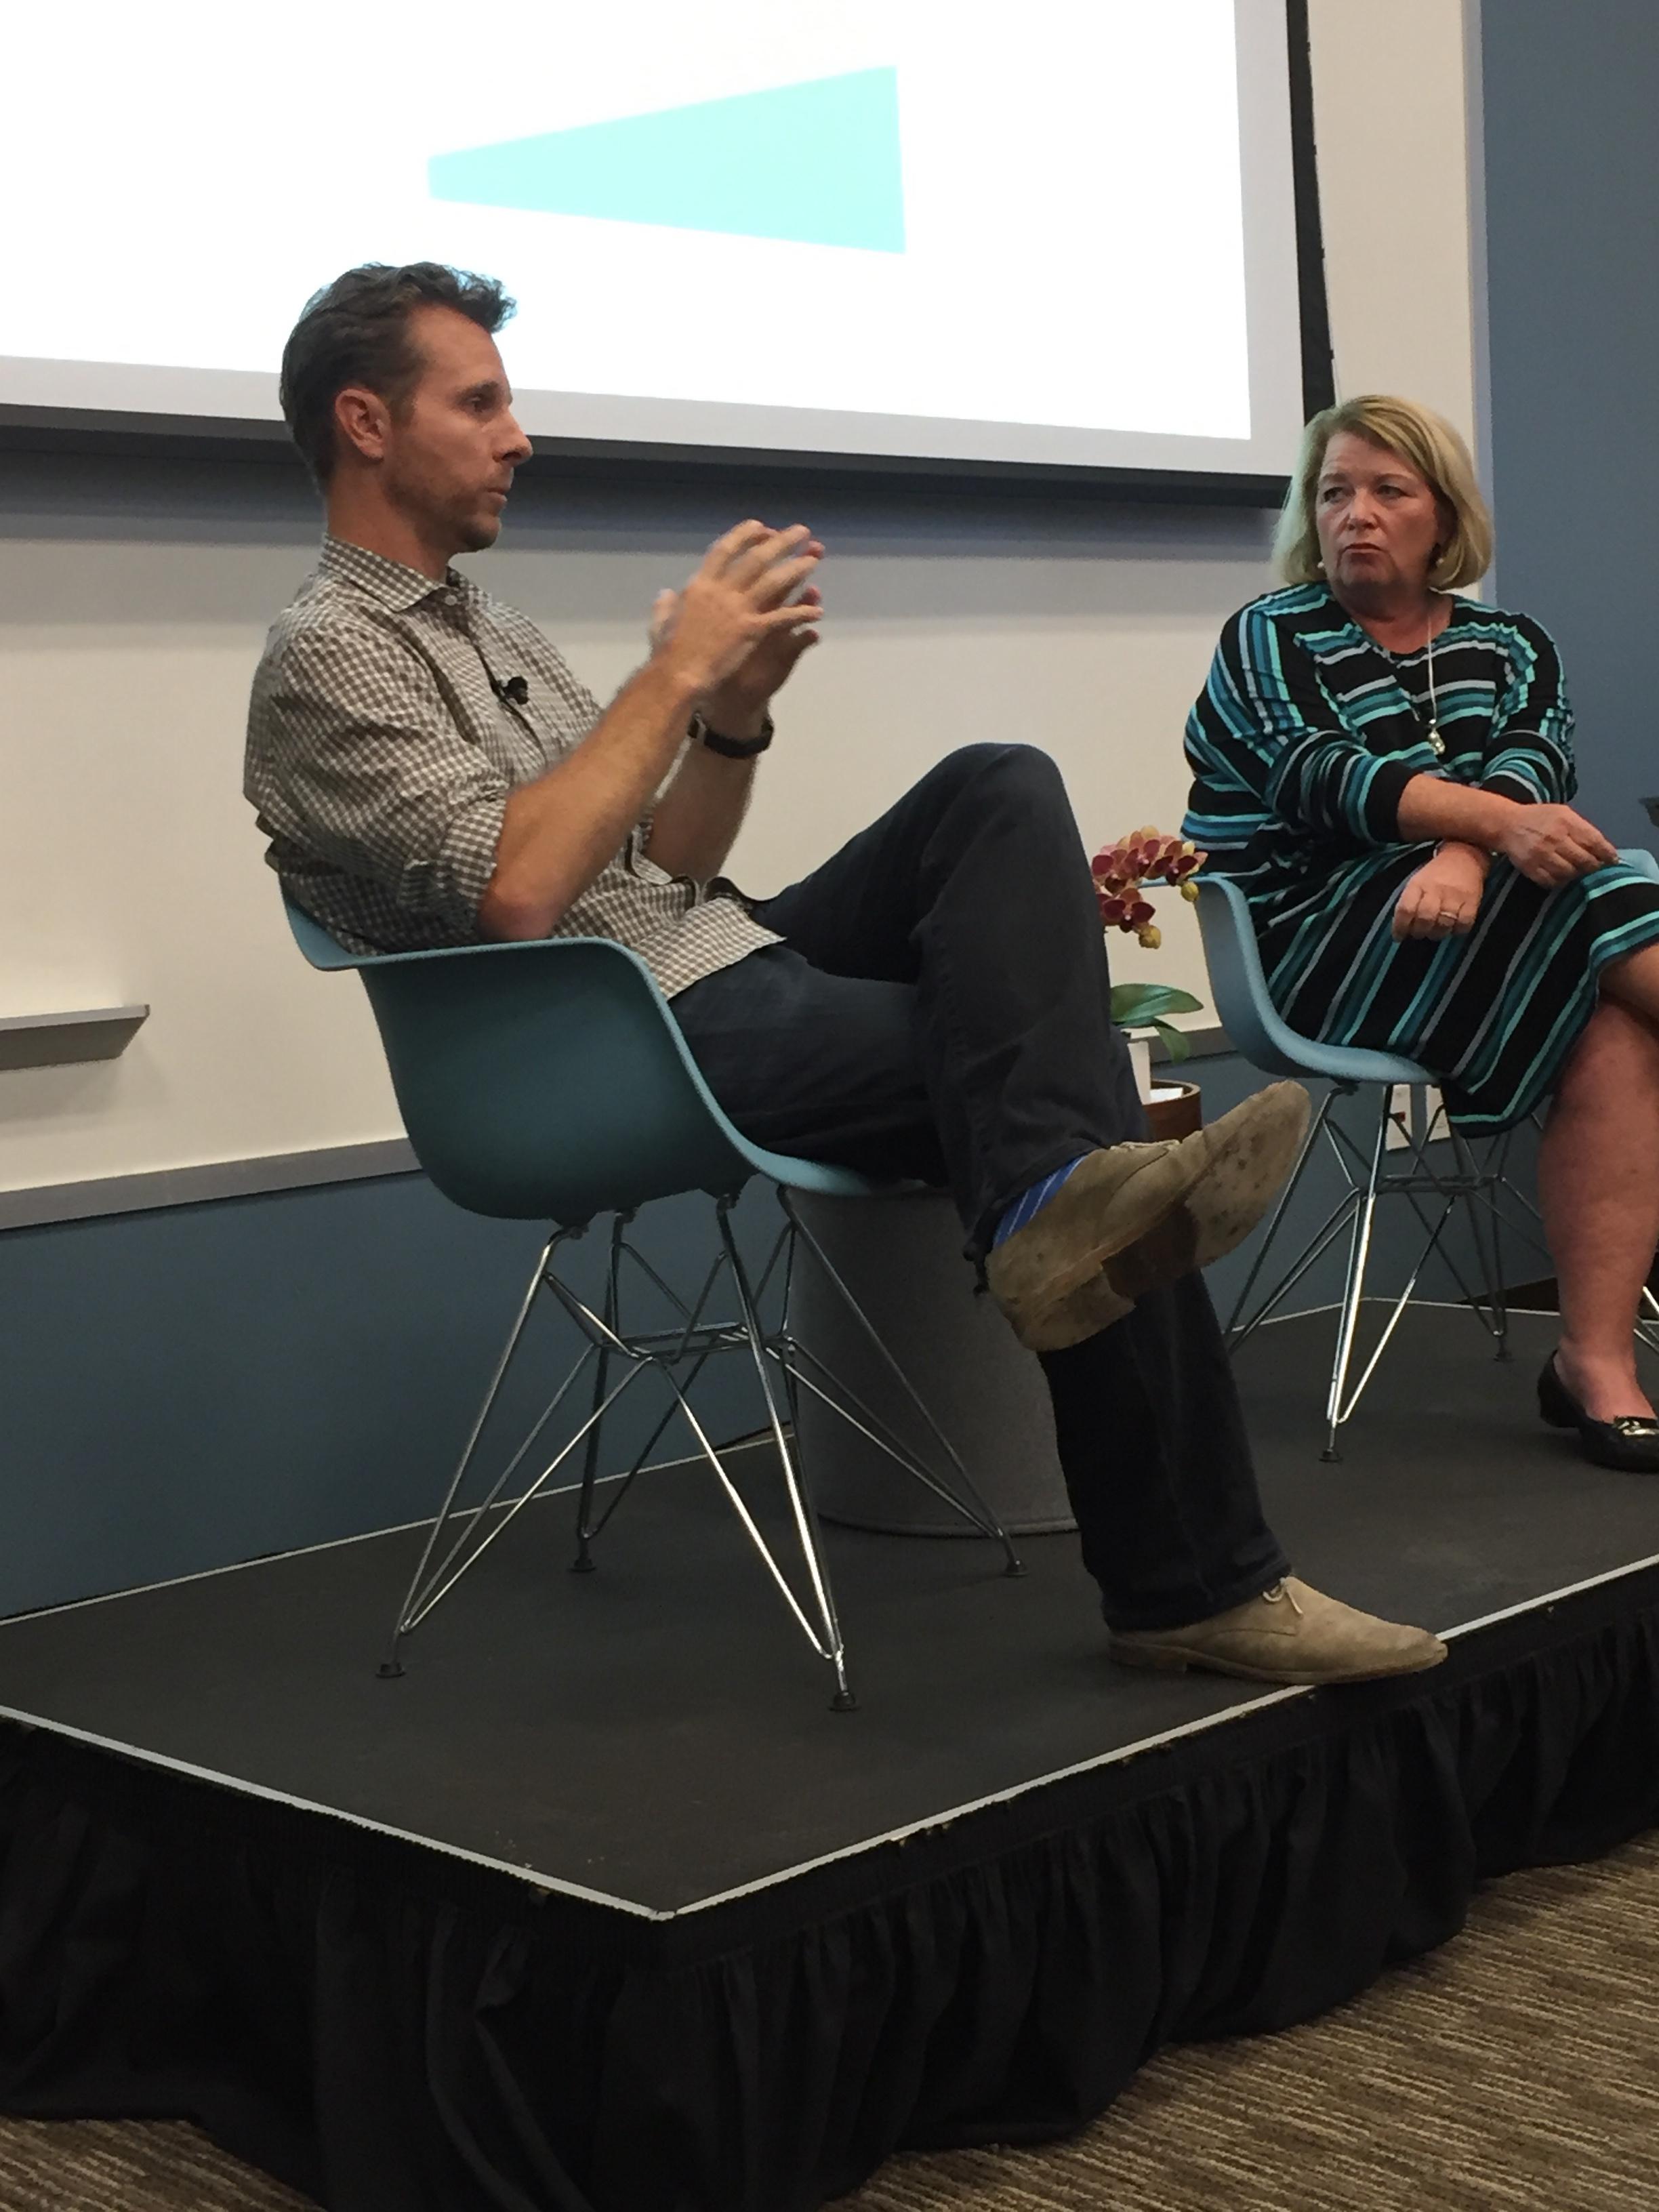 Jamie Siminoff and Carol Hacker at Babson San Francisco